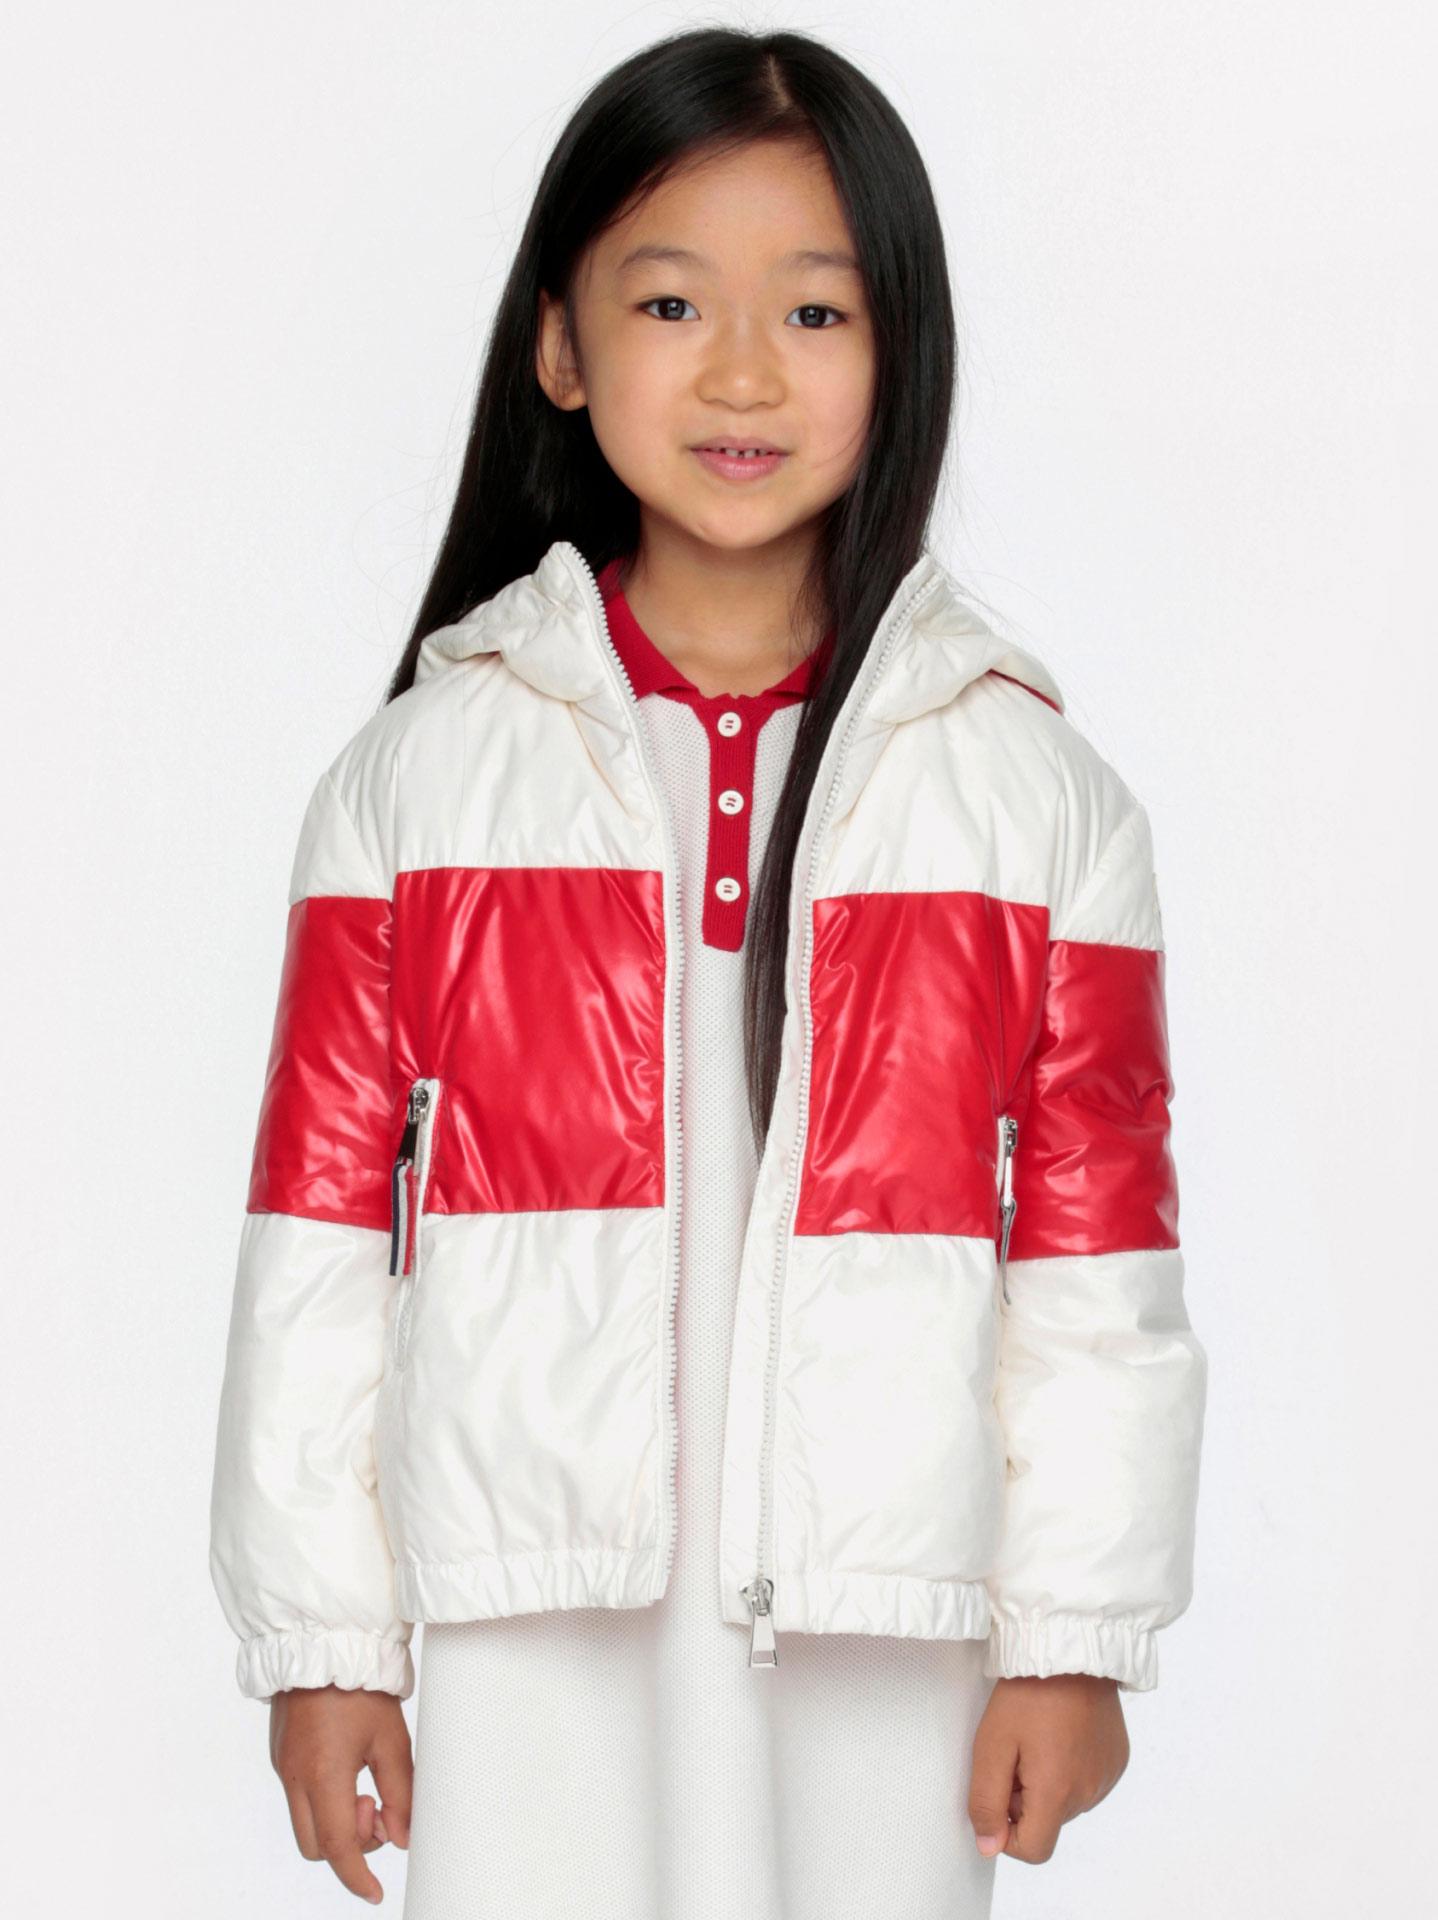 Une fille portant une doudoune Moncler blanche et rouge